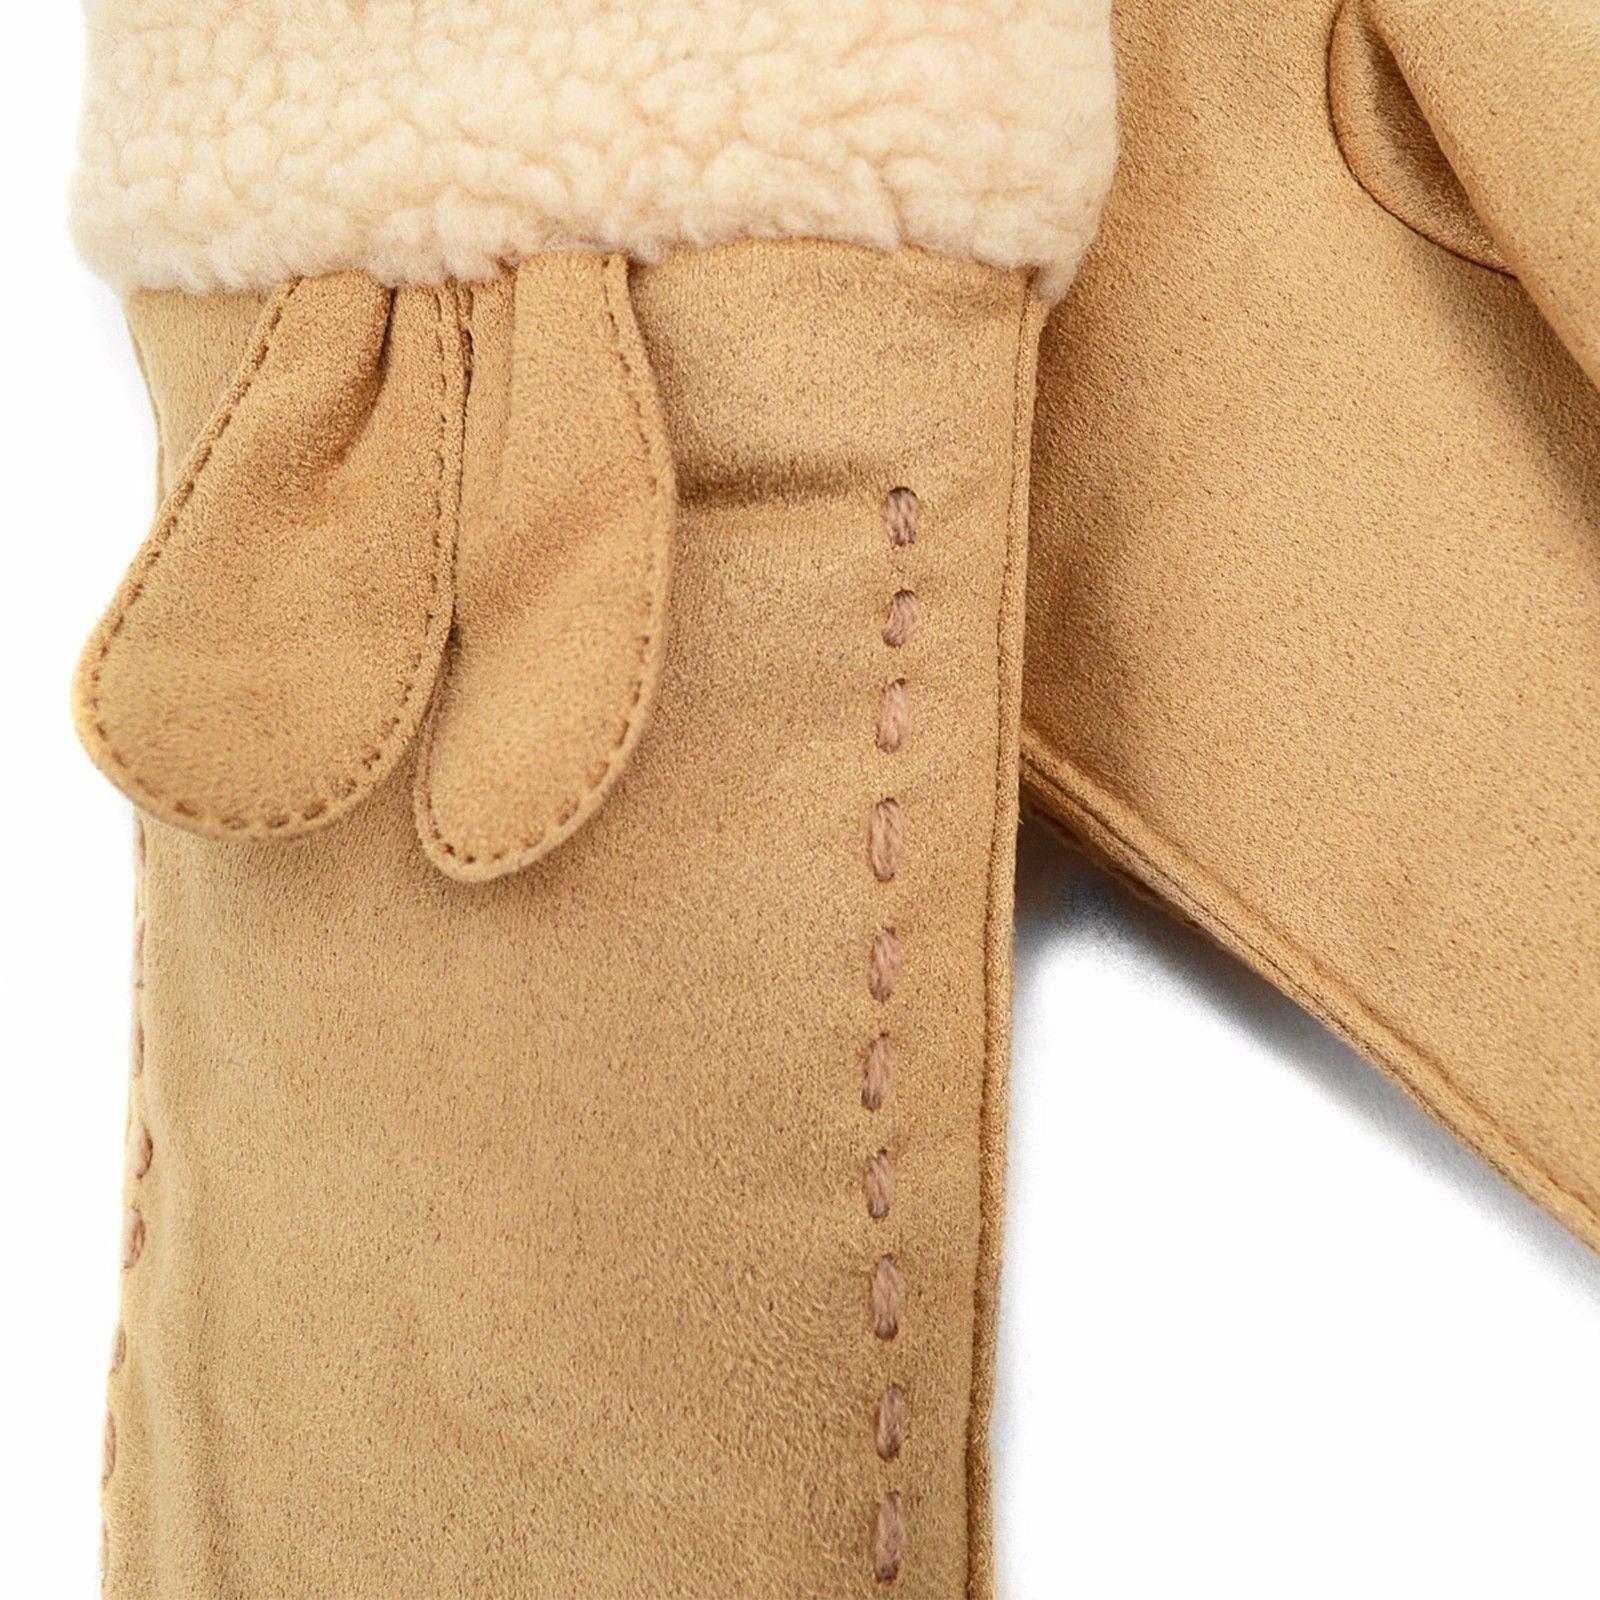 LWG04 Ladies' Winter Vegan Suede Mittens with Faux Fur Lining